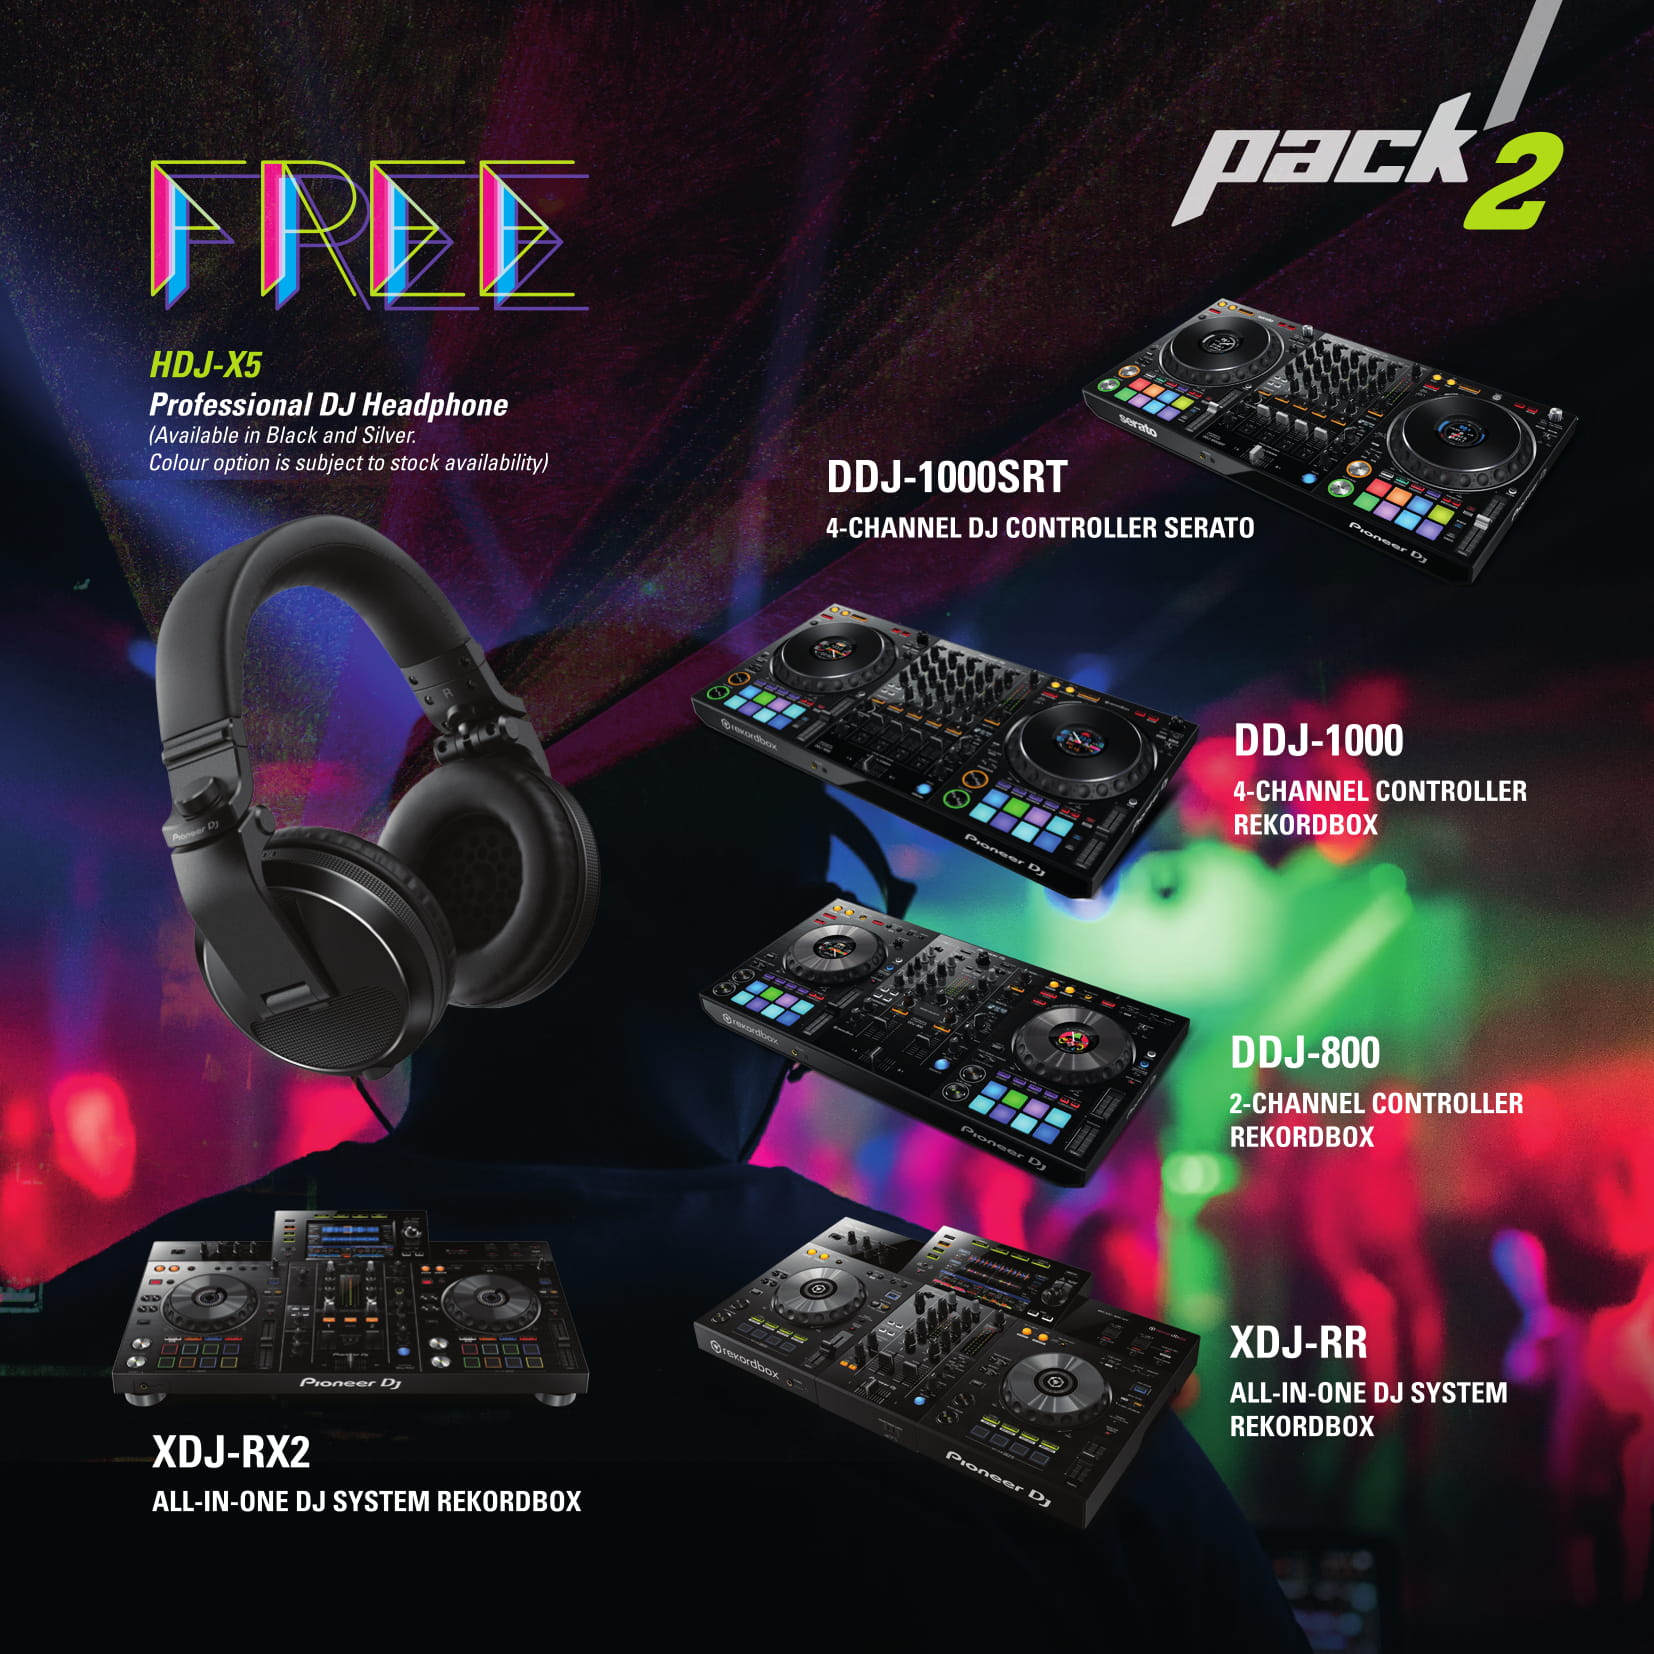 pioneer dj package 2